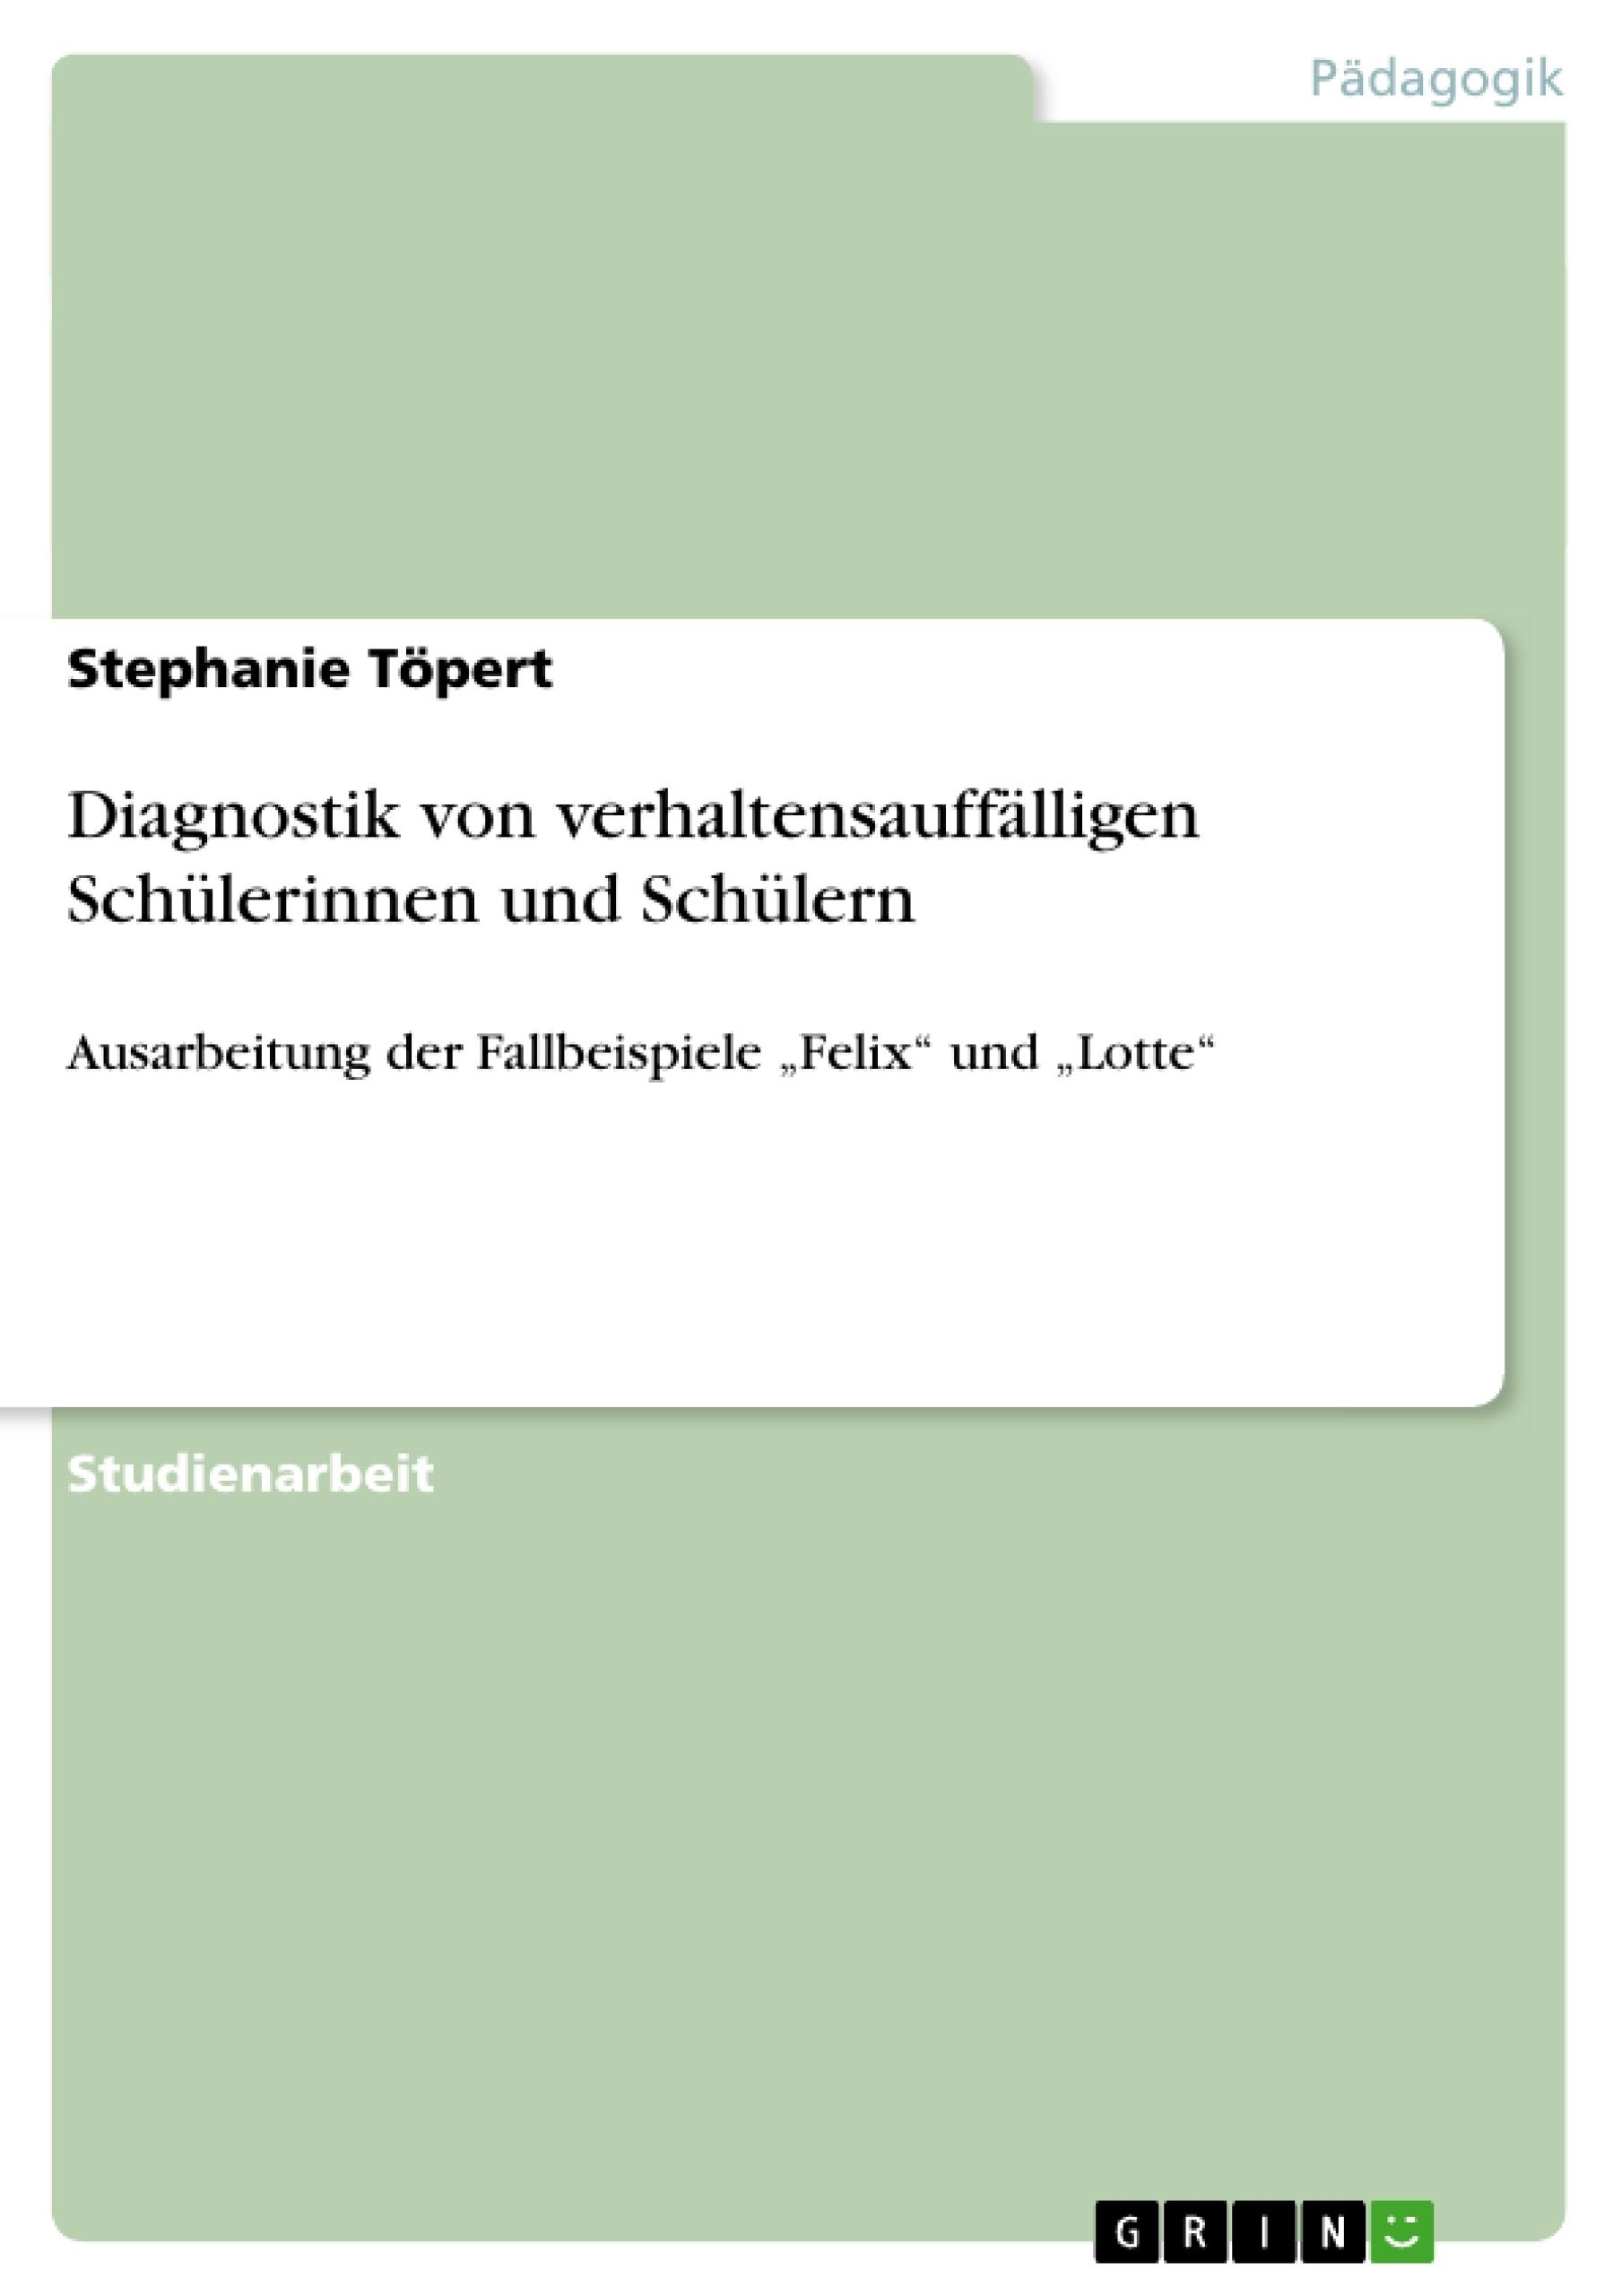 Titel: Diagnostik von verhaltensauffälligen Schülerinnen und Schülern